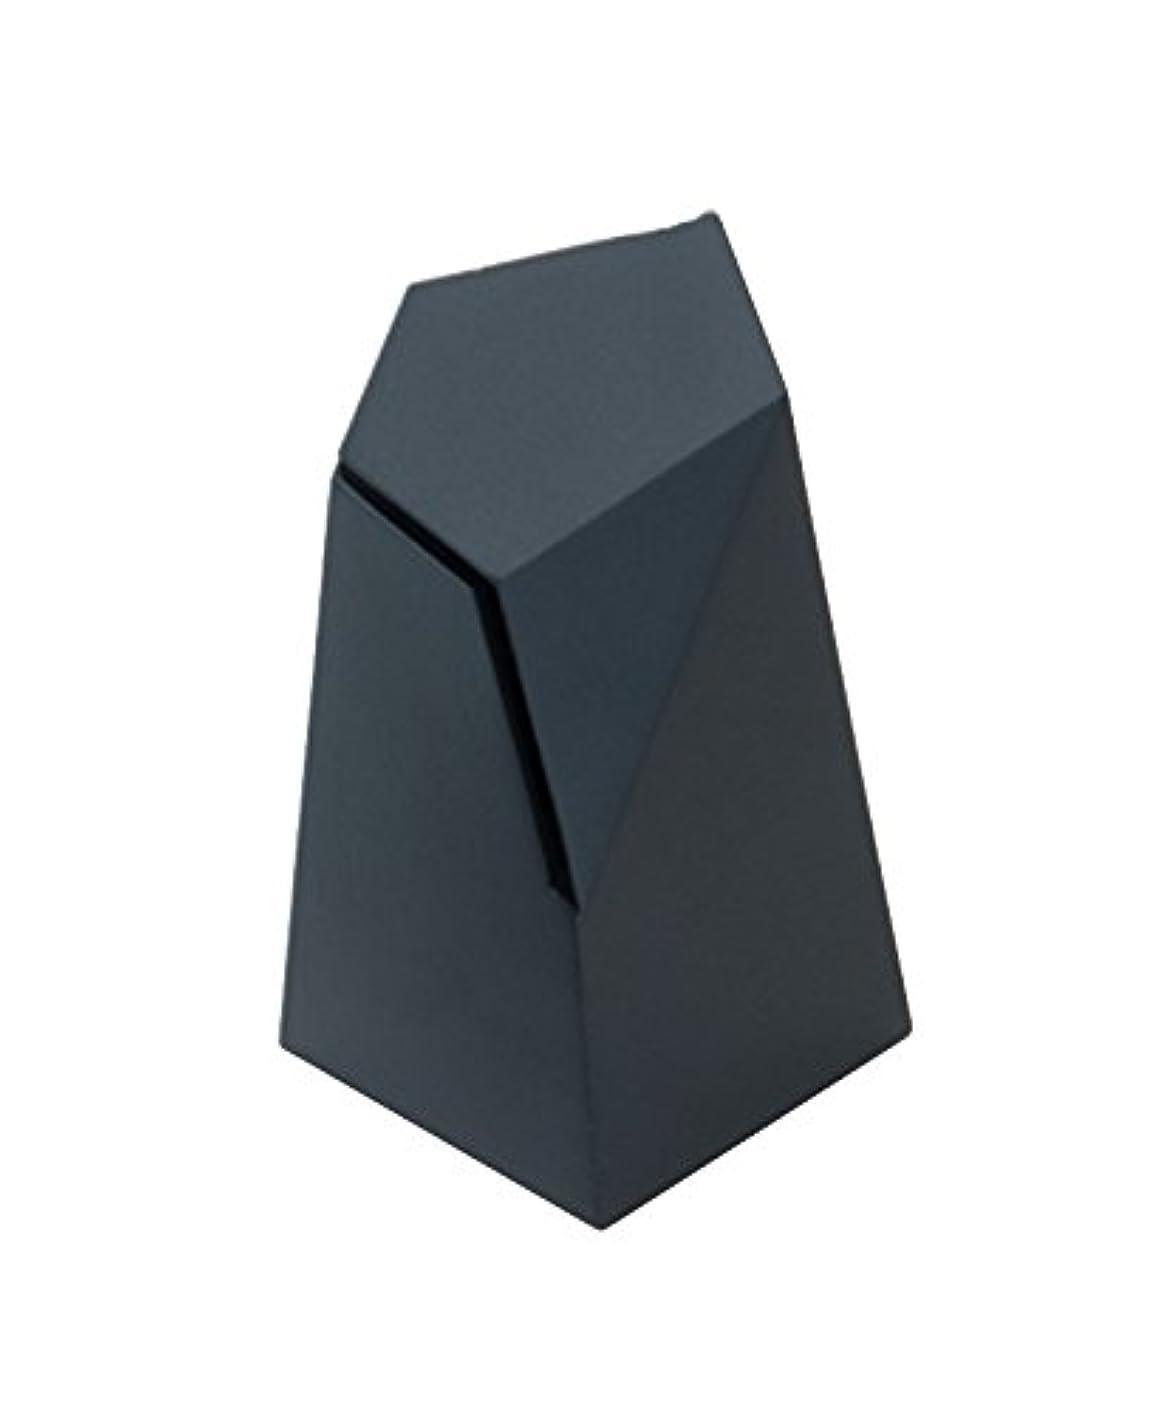 ブラウス継続中博覧会ナガエ Oyster incenseインセンスホルダー 香炉S ブラック